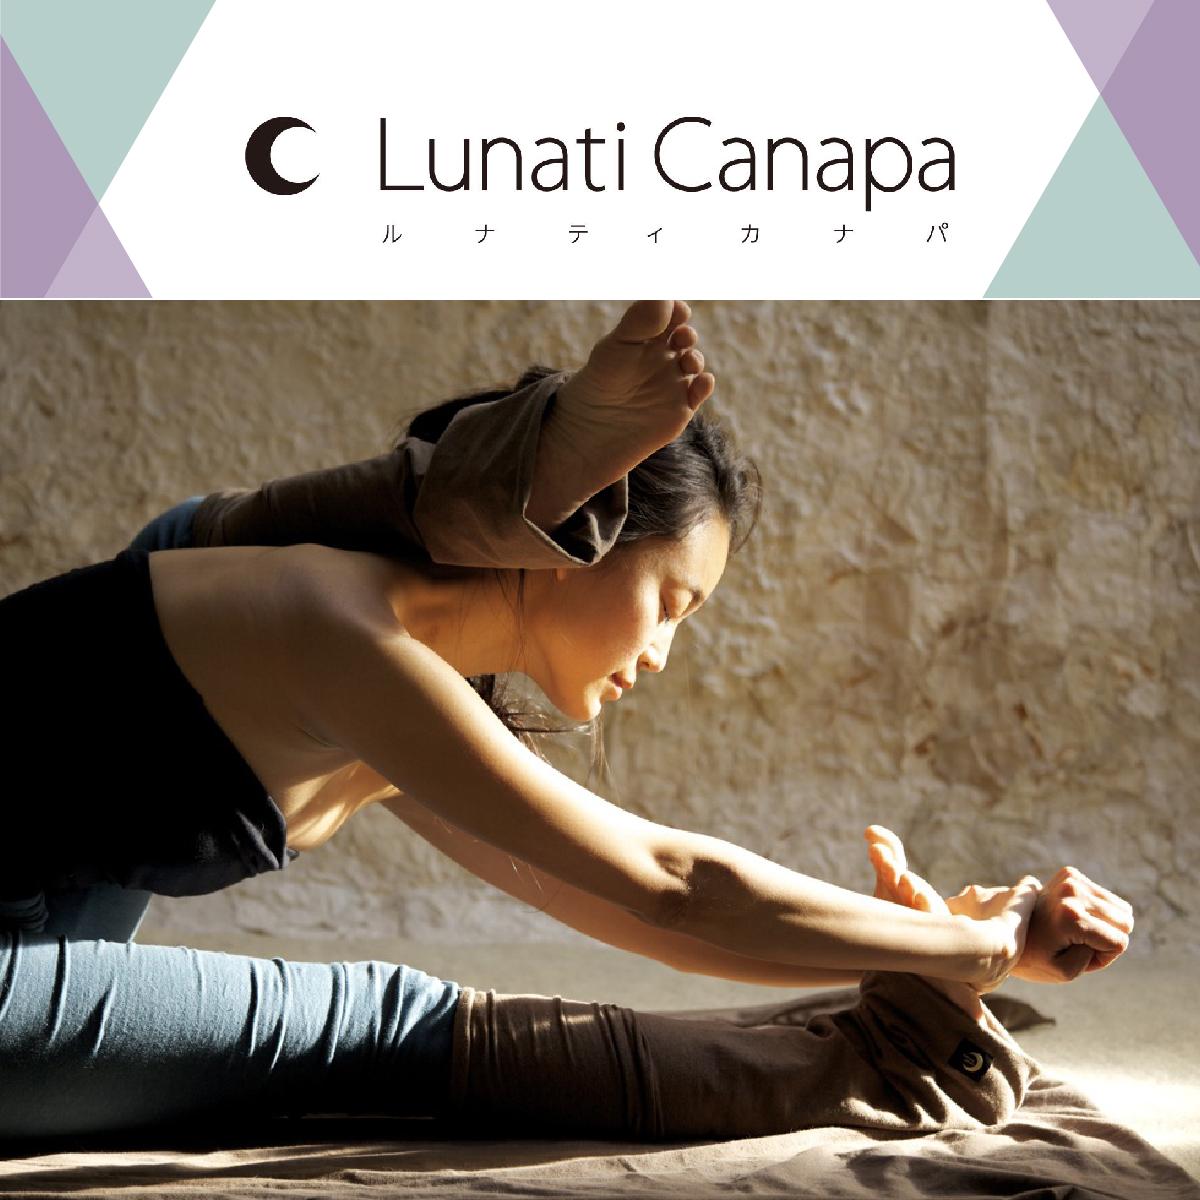 Lunati Canapa